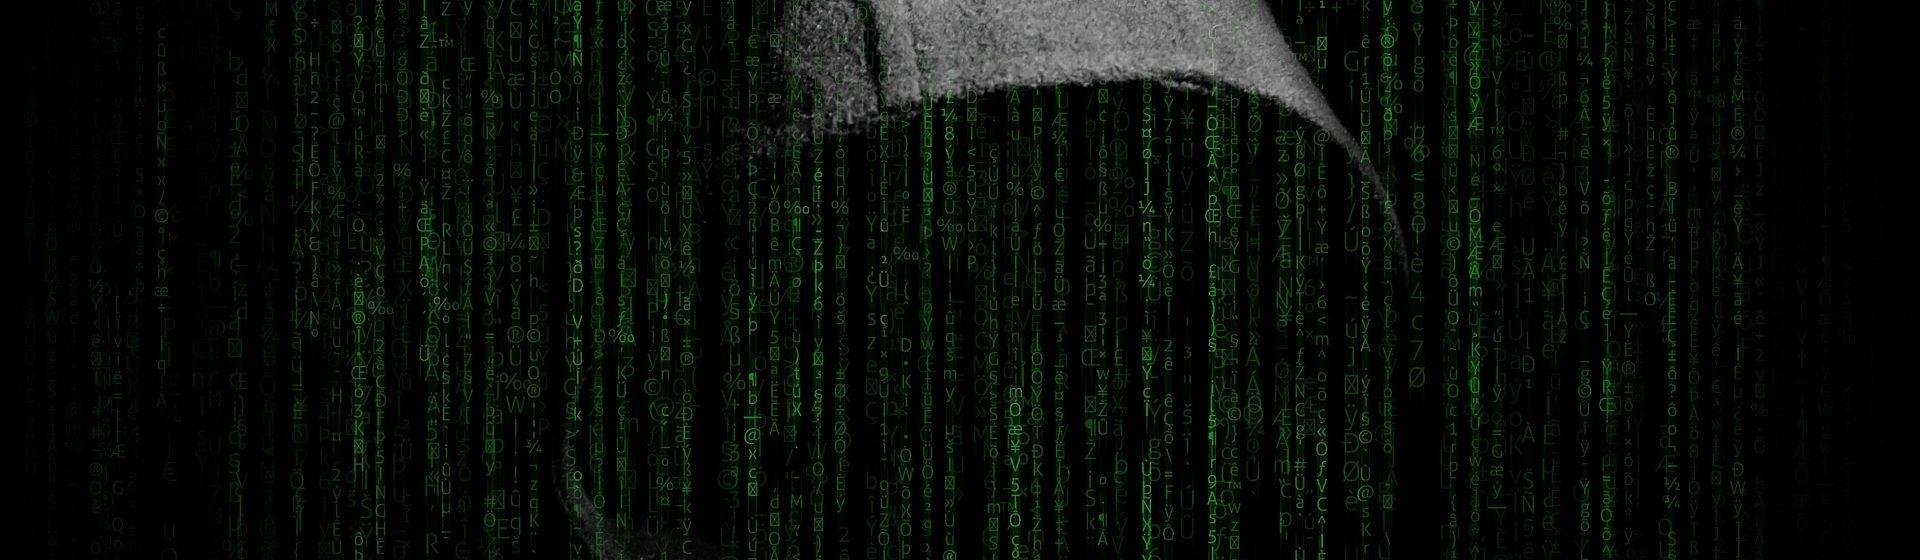 hacker-3480124_1920